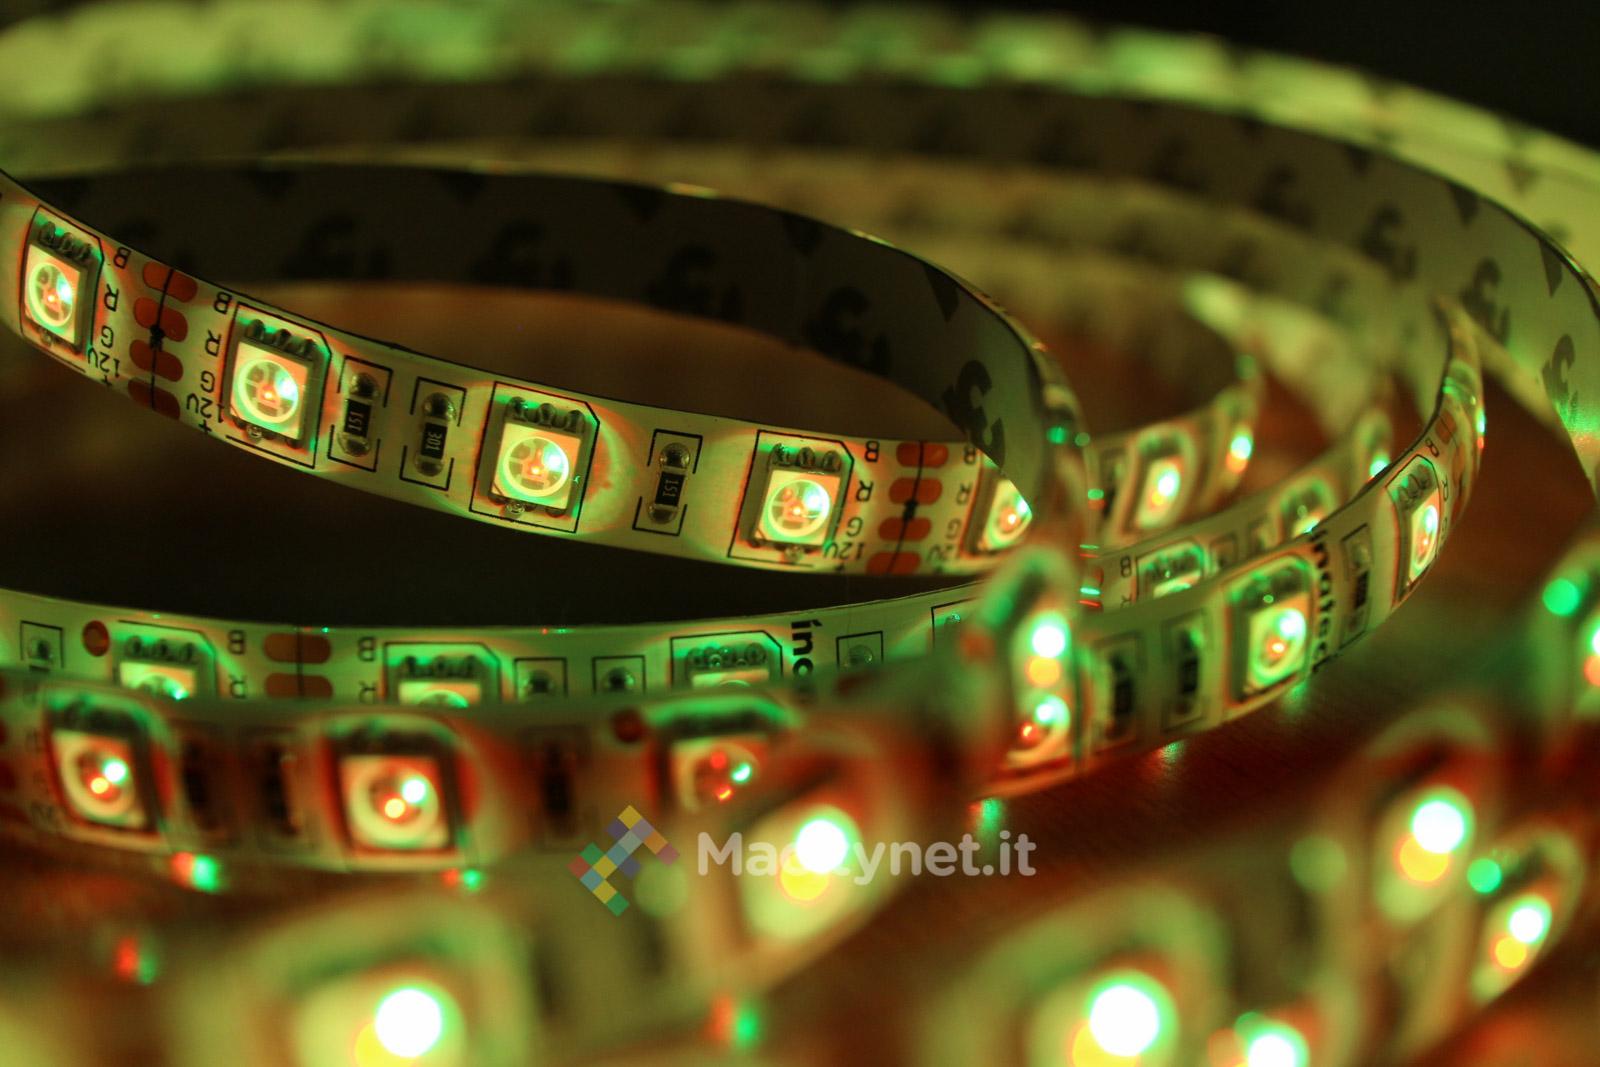 Striscia adesiva con LED e telecomando: sconto a 25,99 euro